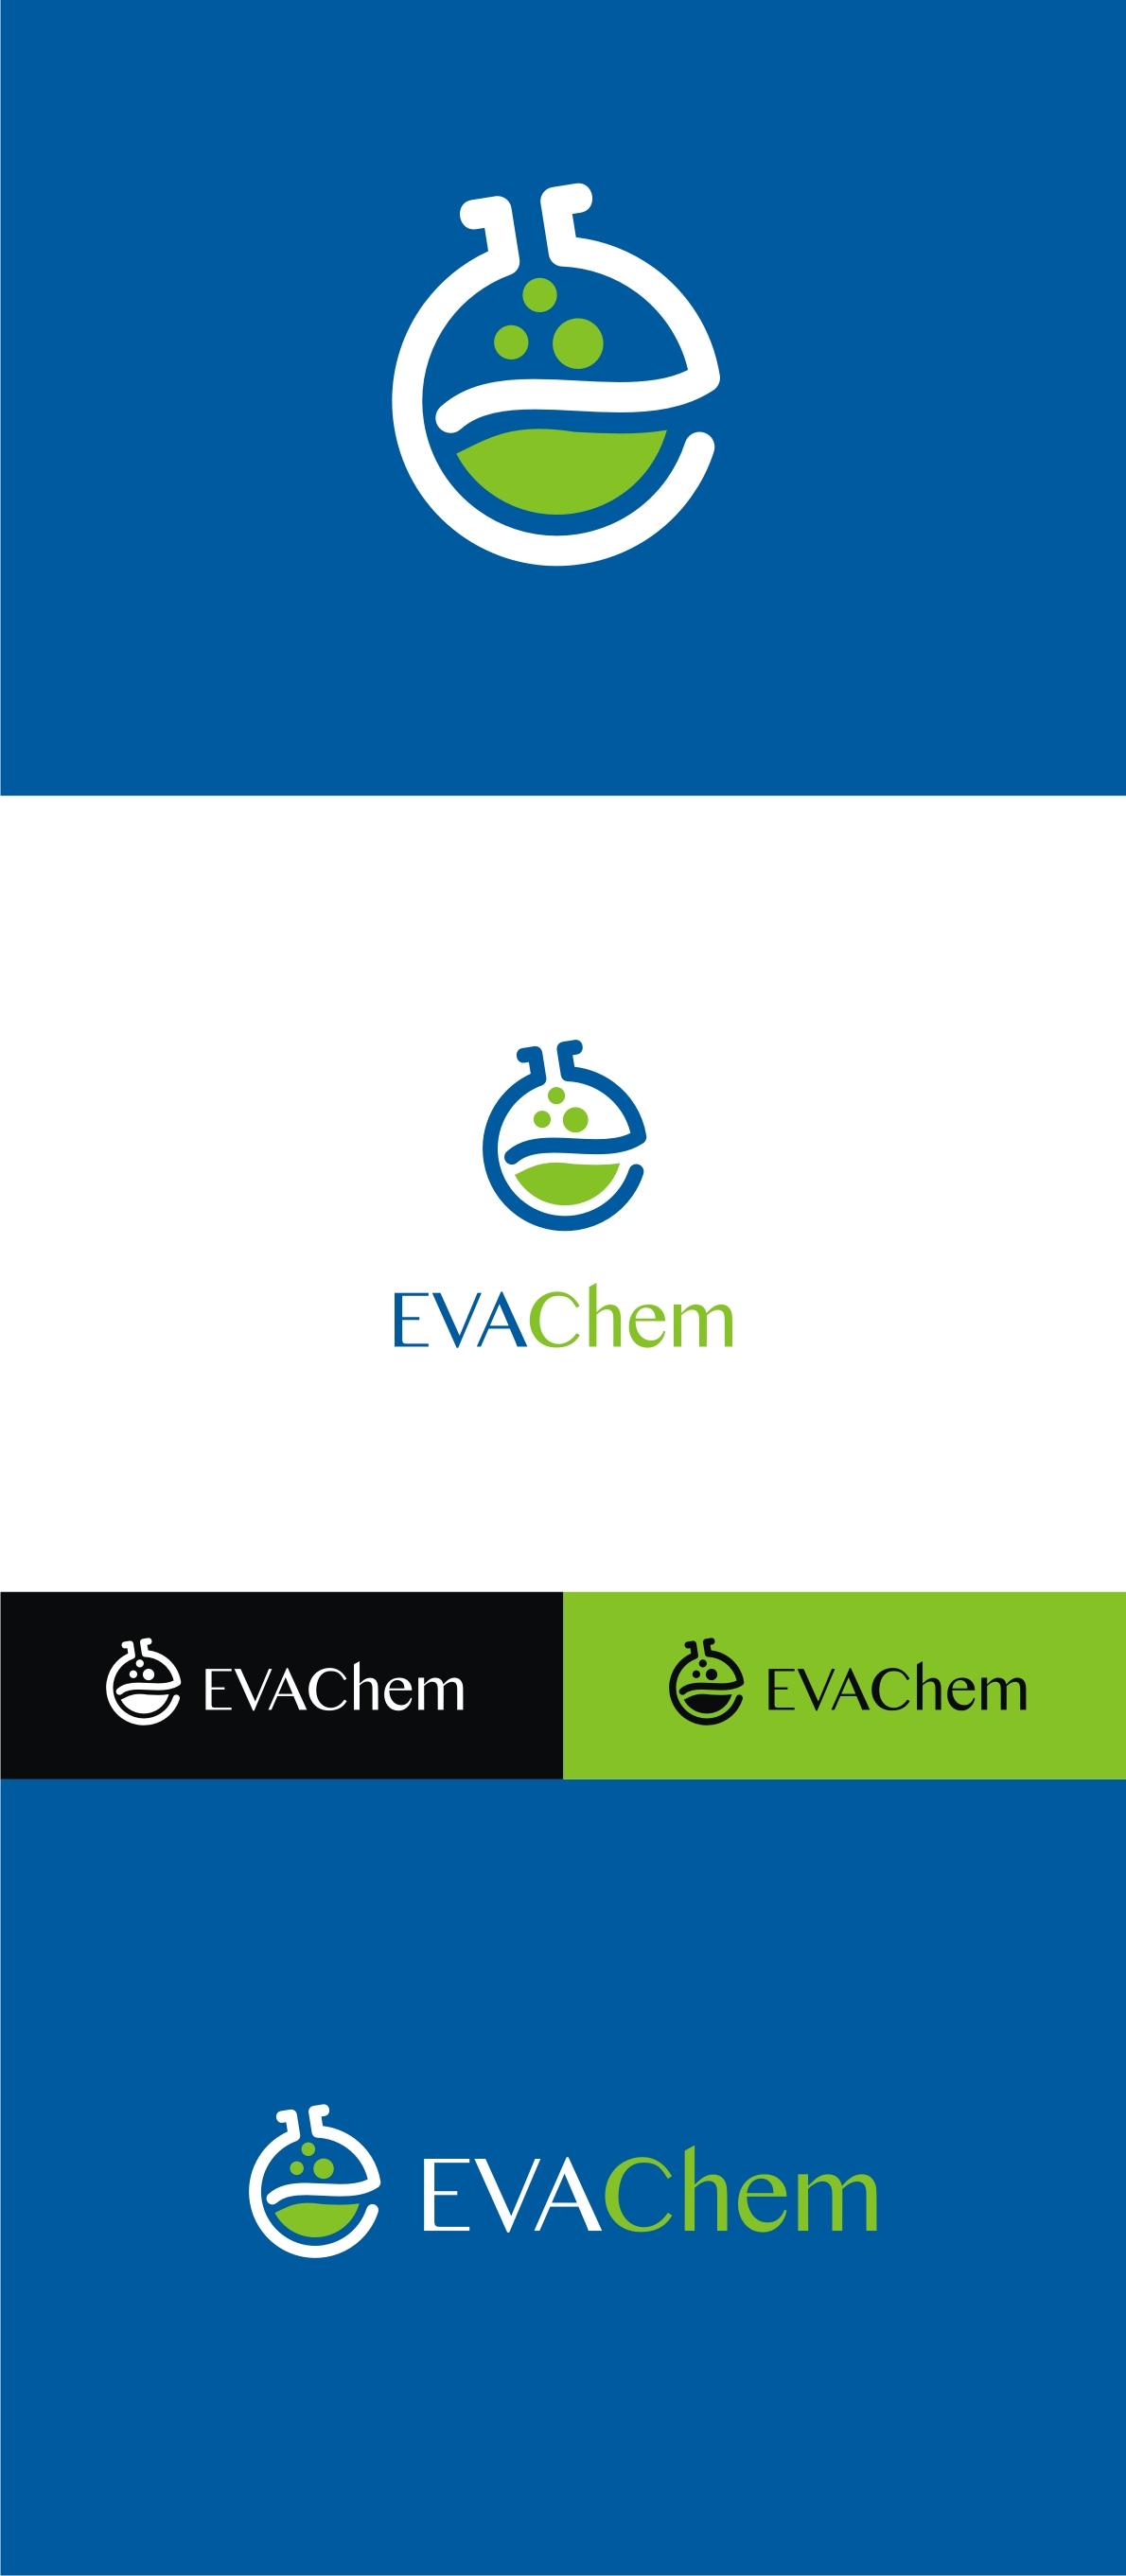 Разработка логотипа и фирменного стиля компании фото f_124571dc7eacc064.jpg